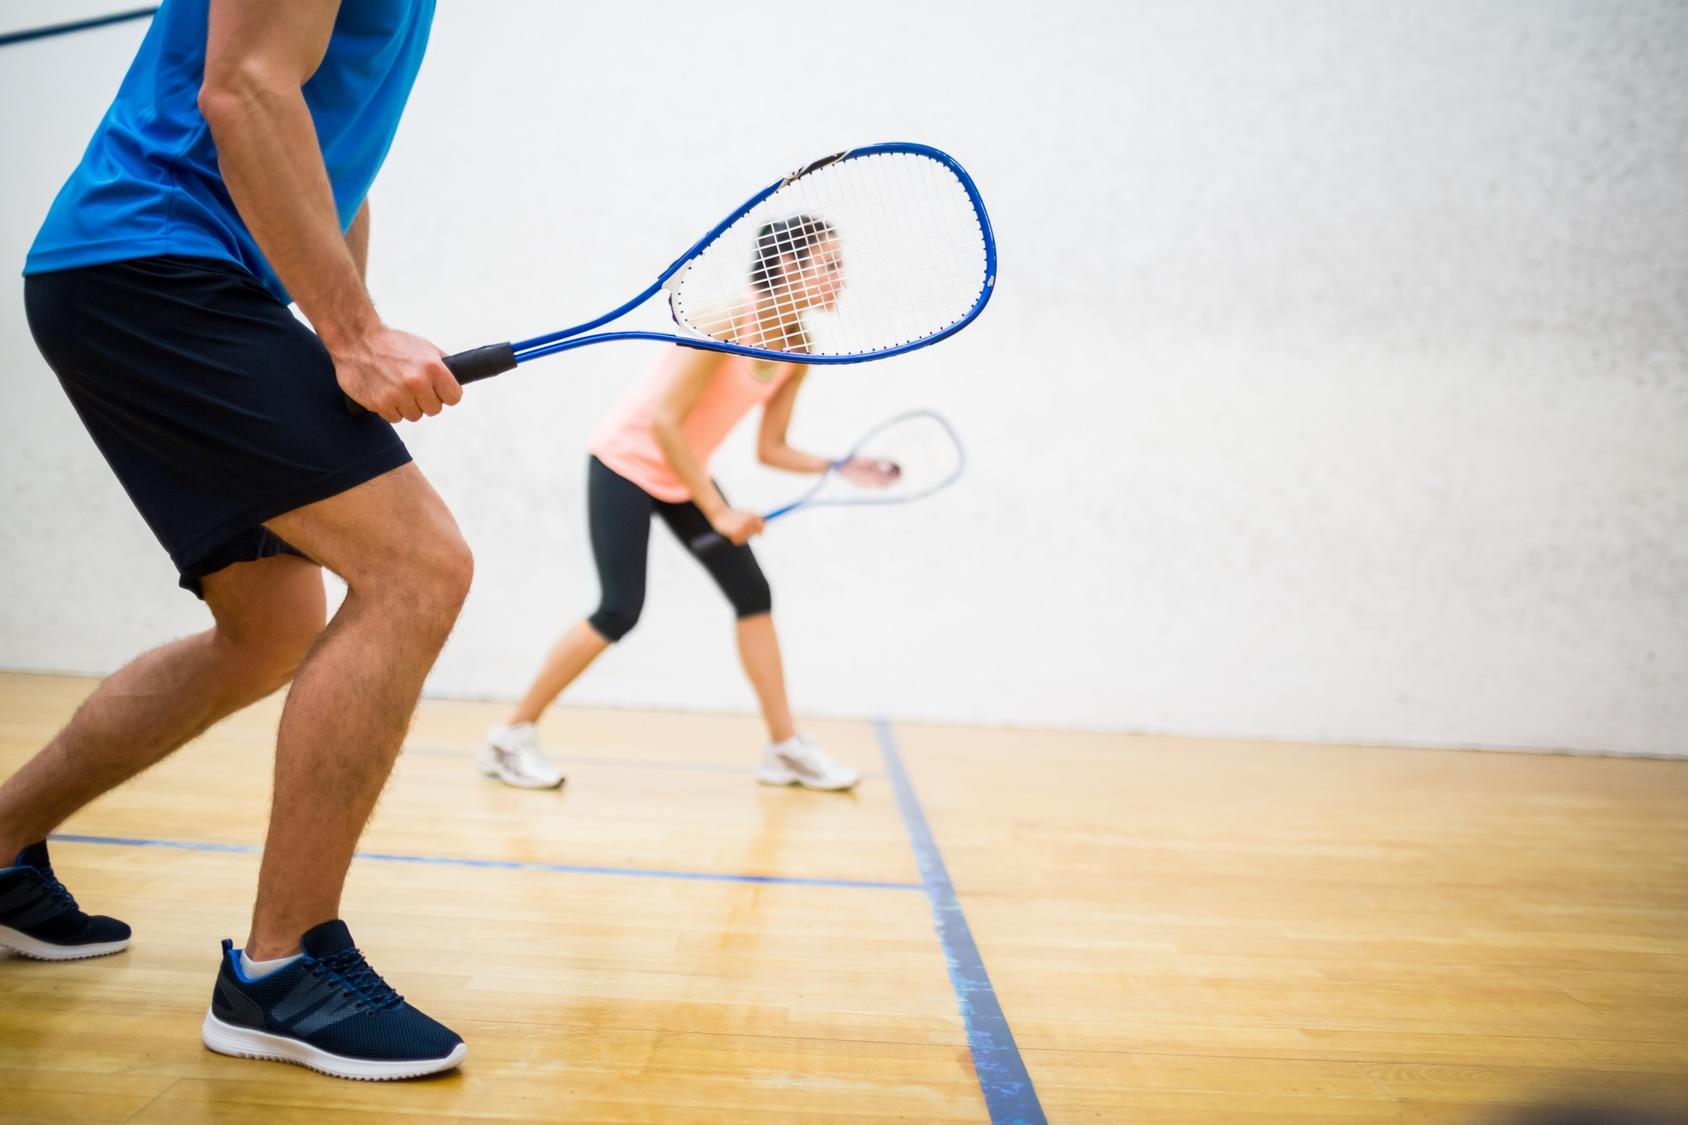 Внимание! Теннис продлевает жизнь человека на 10 лет!